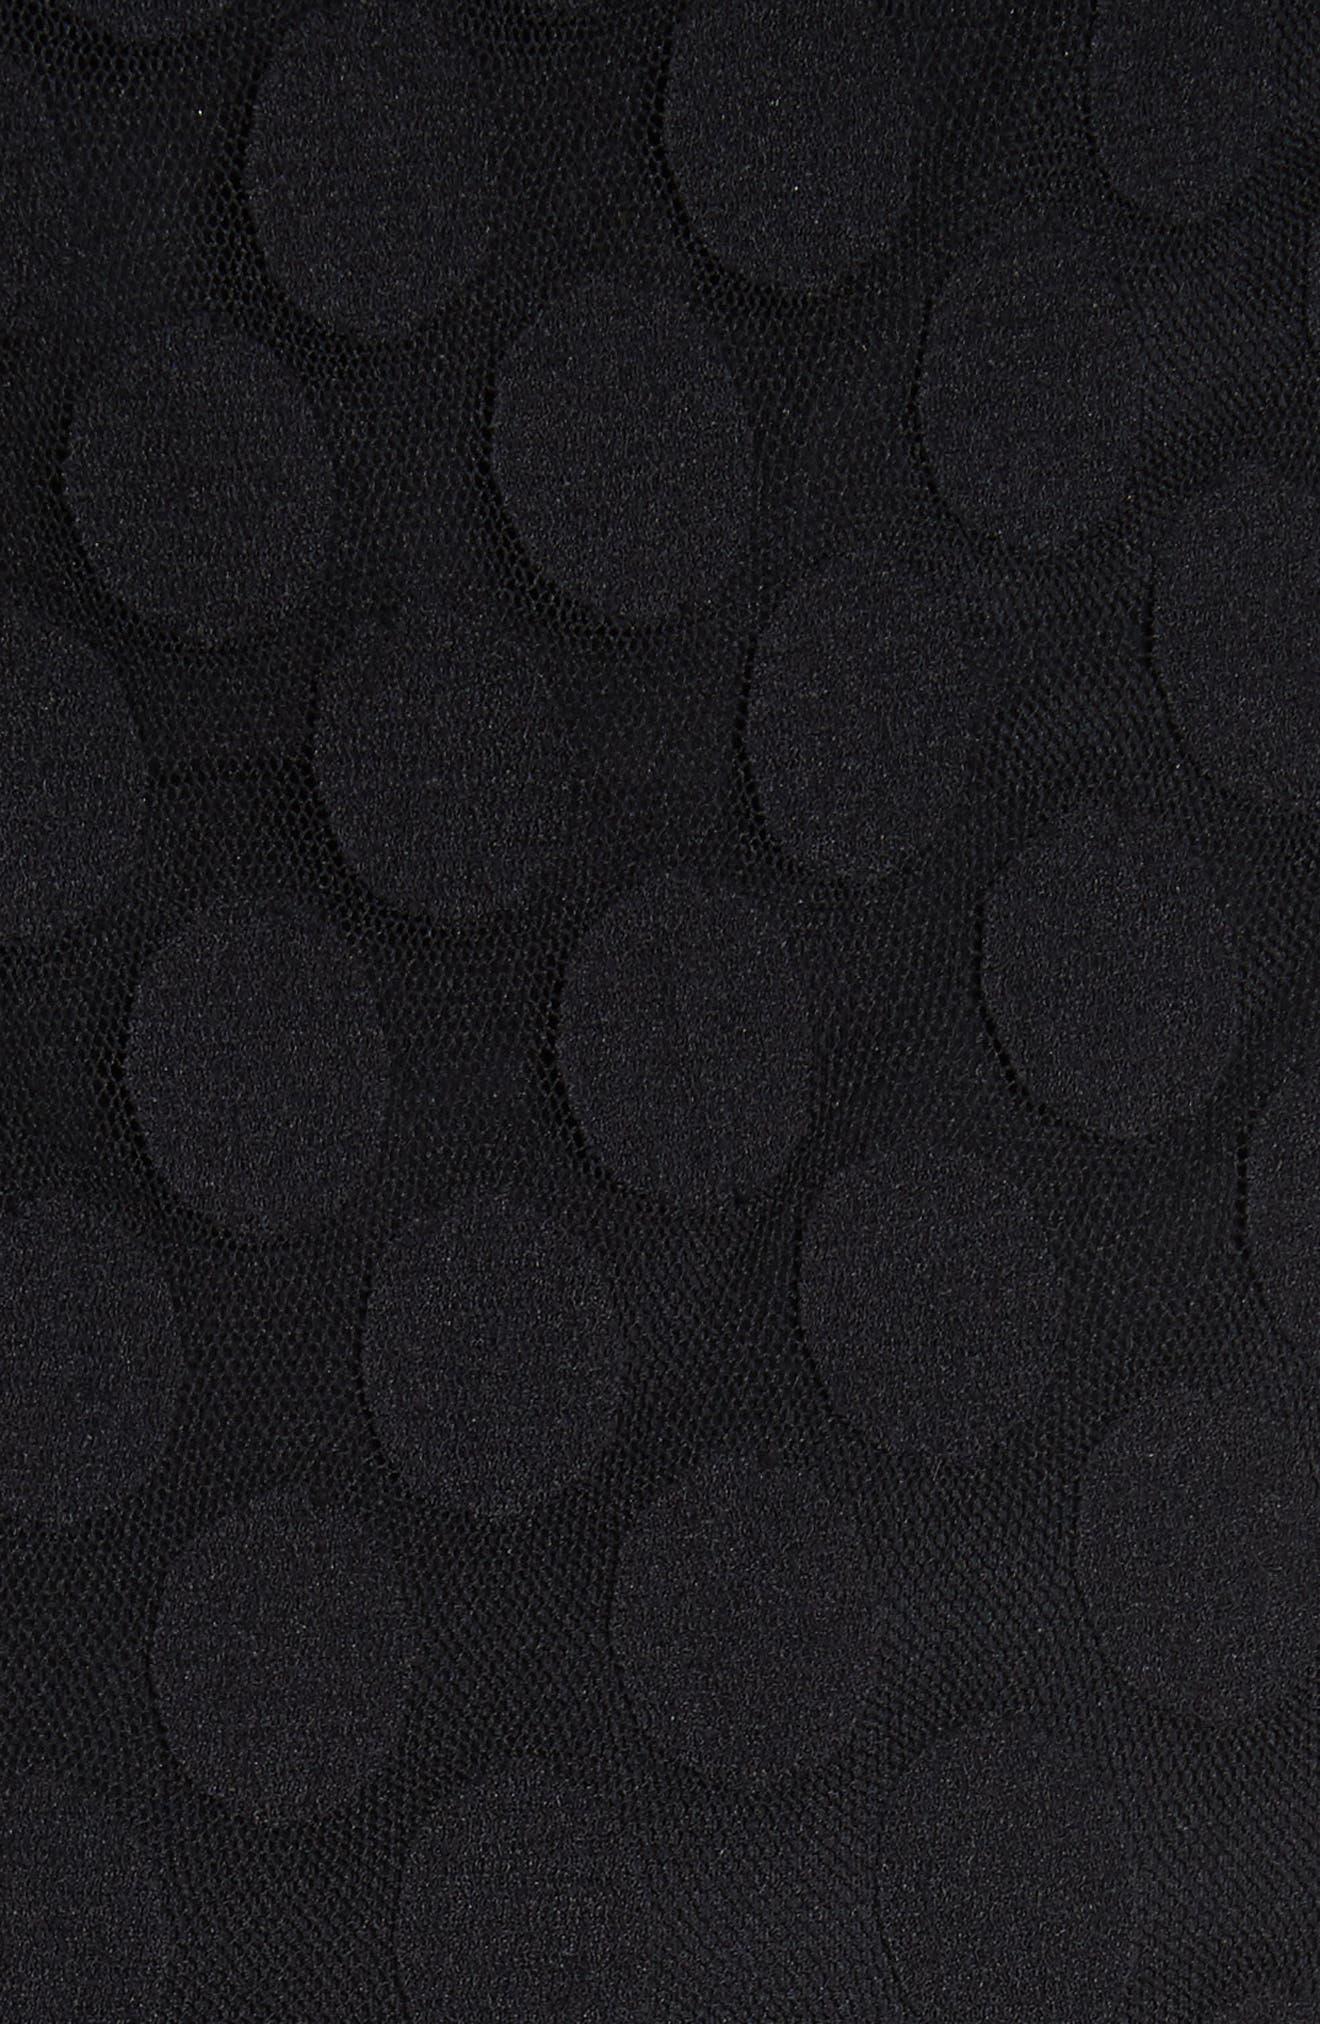 Dot Print Tulle Midi Dress,                             Alternate thumbnail 5, color,                             001